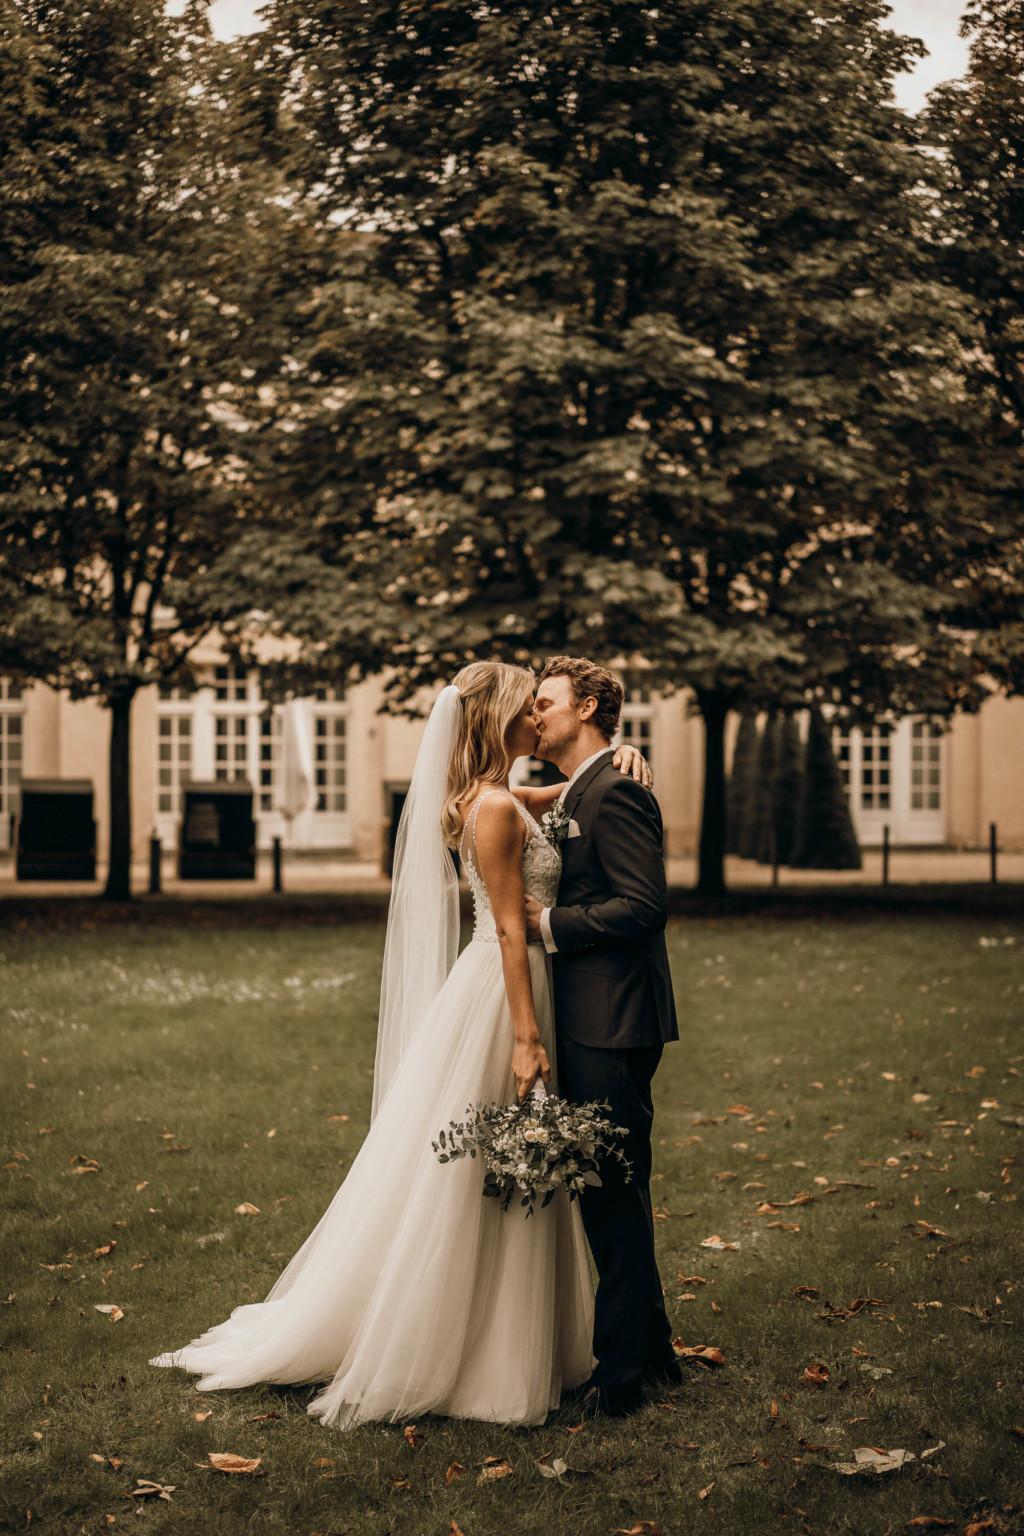 Kontakt Hochzeitsfotografie